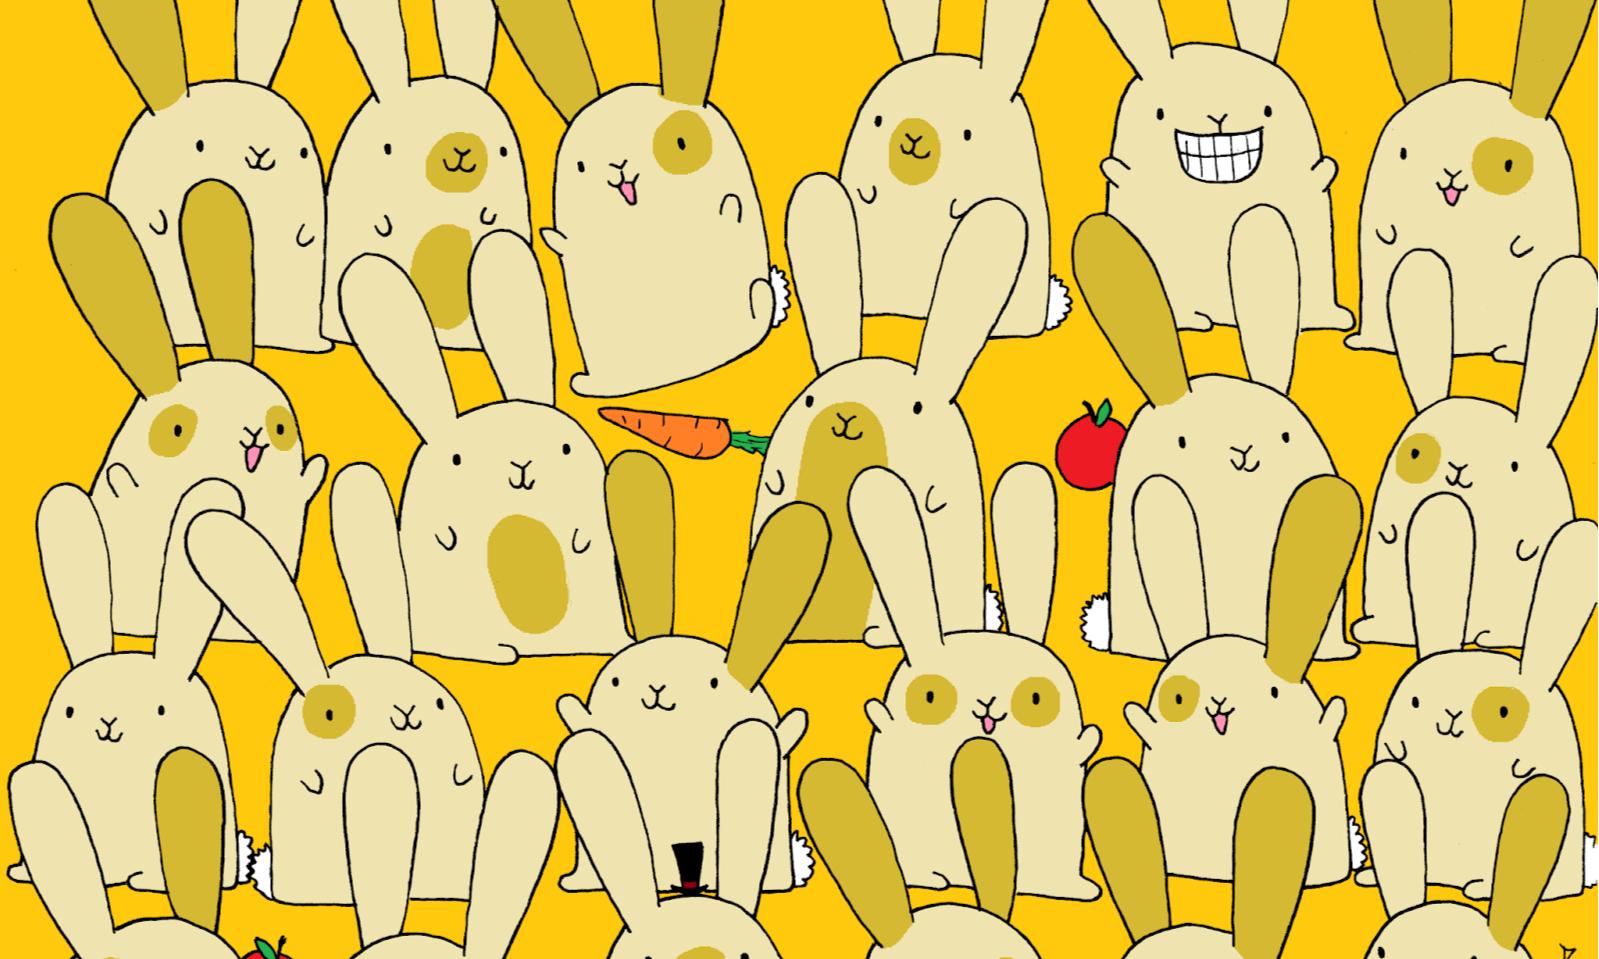 Загадка найти кролика на картинке